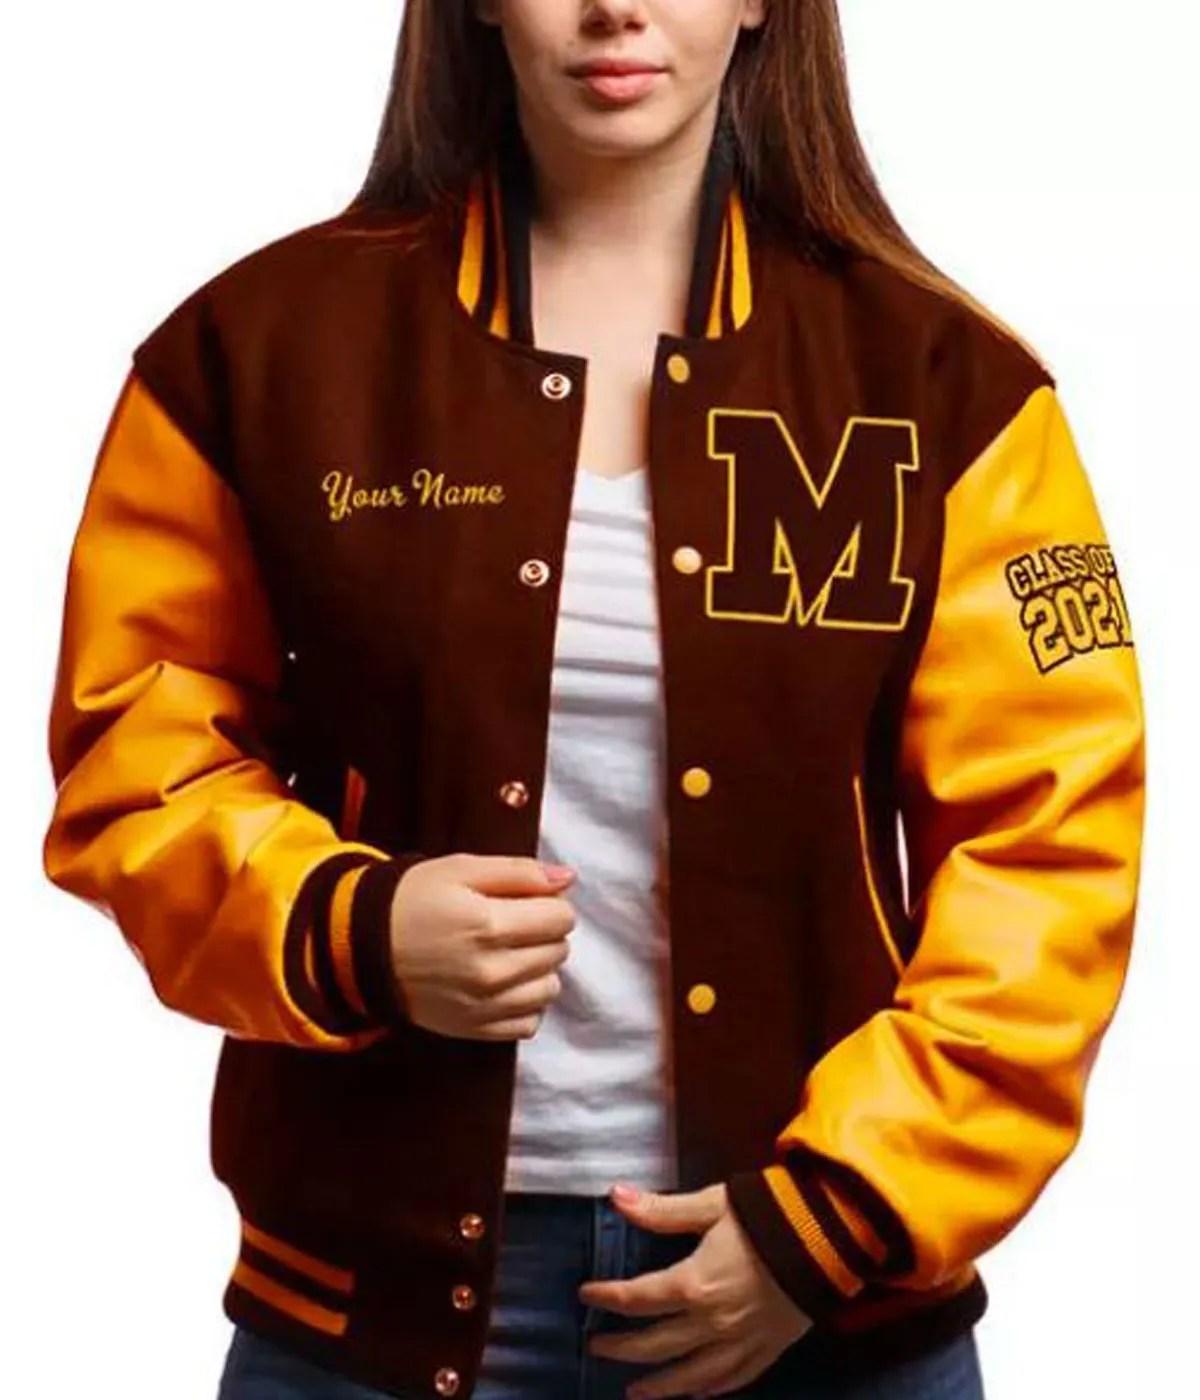 marcos-de-niza-high-school-padres-jacket